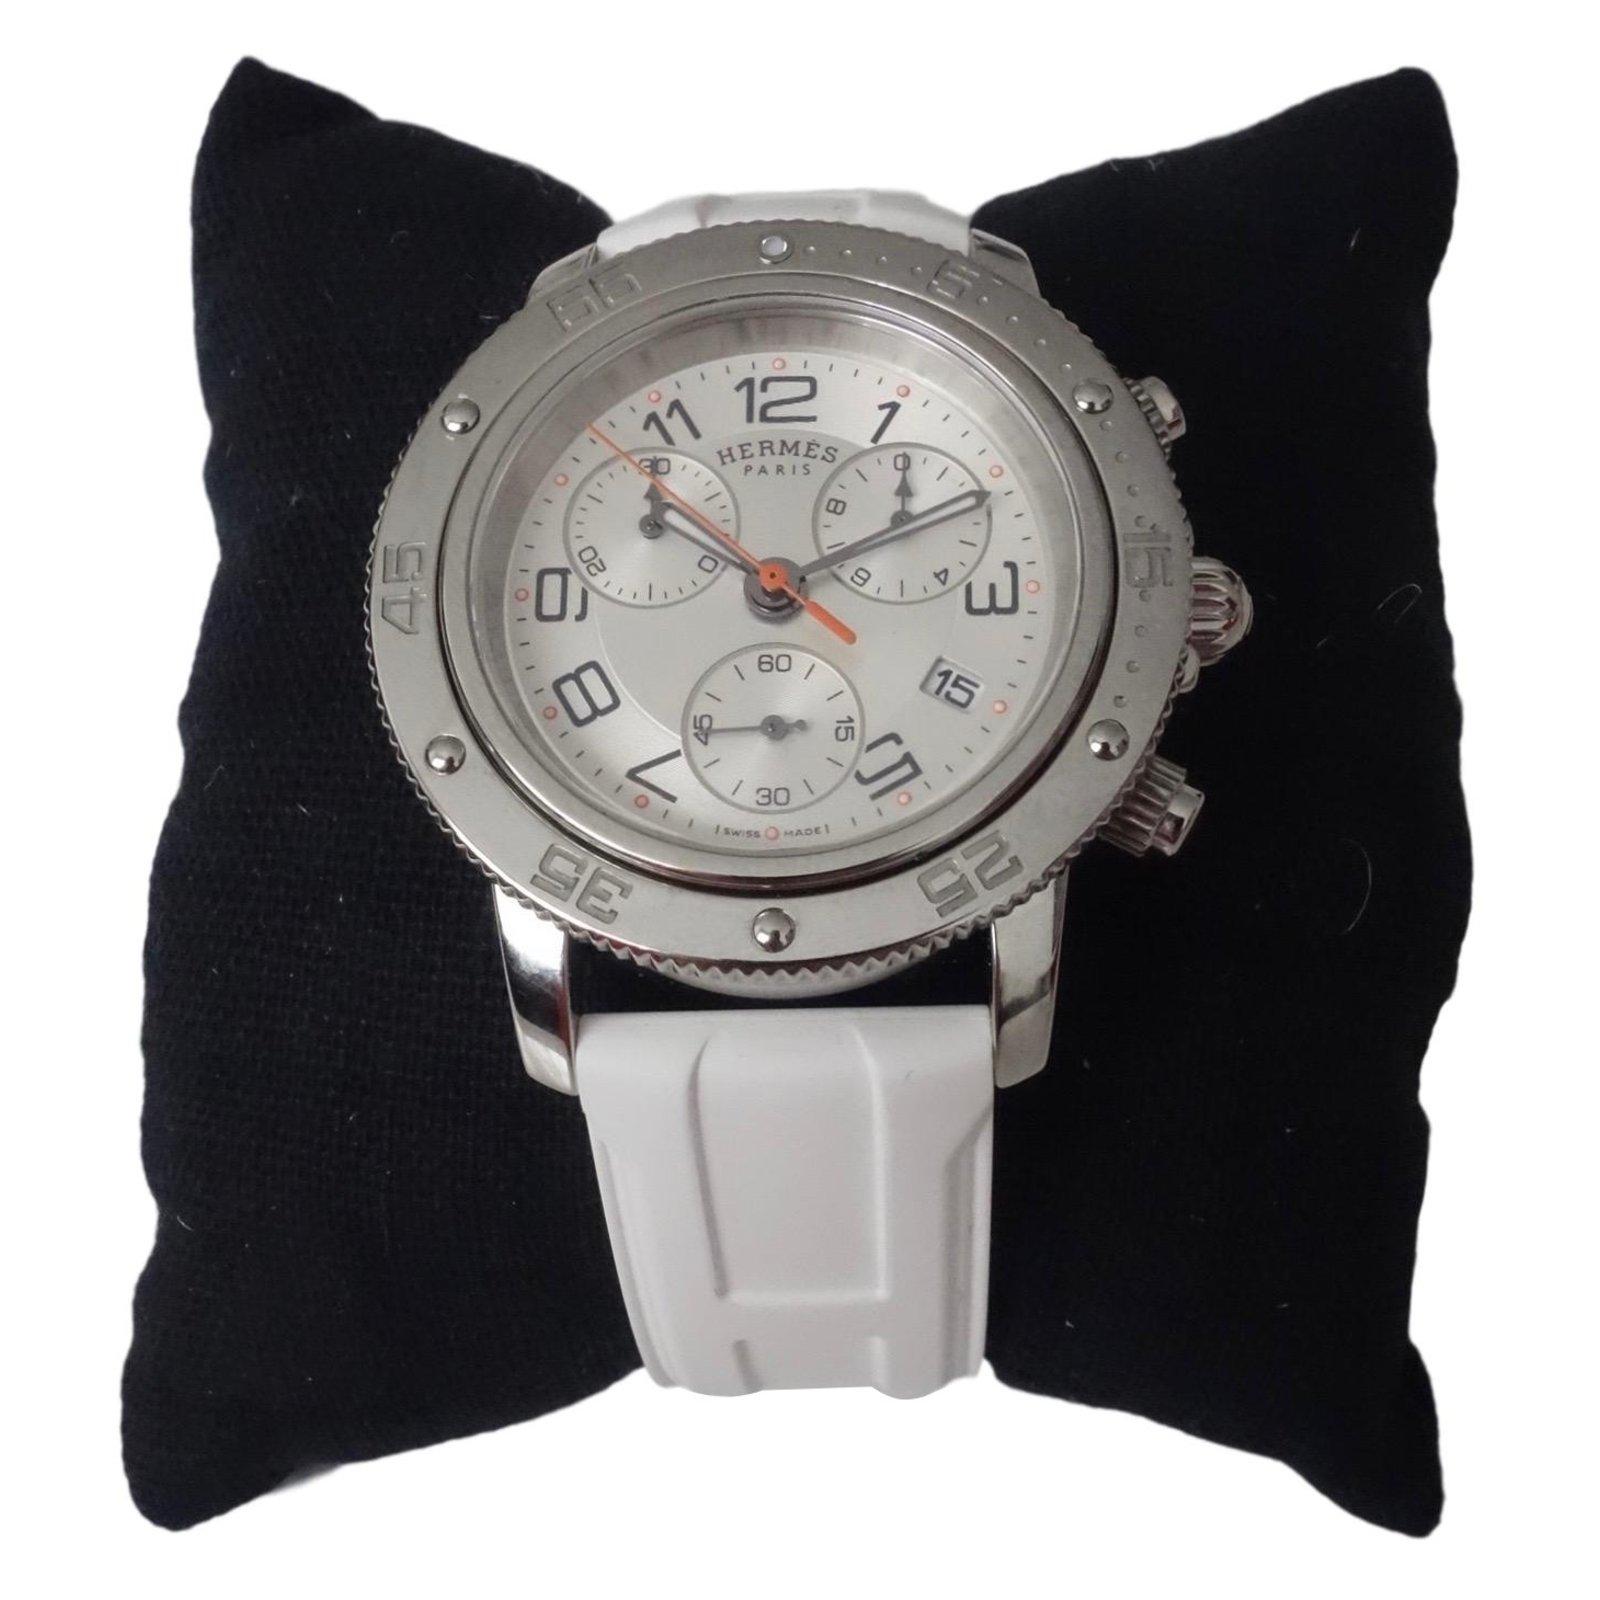 87879b9cfc01 Montres Hermès MONTRE HERMES CLIPPER GM CHRONO POUR DAME Acier Blanc  ref.51818